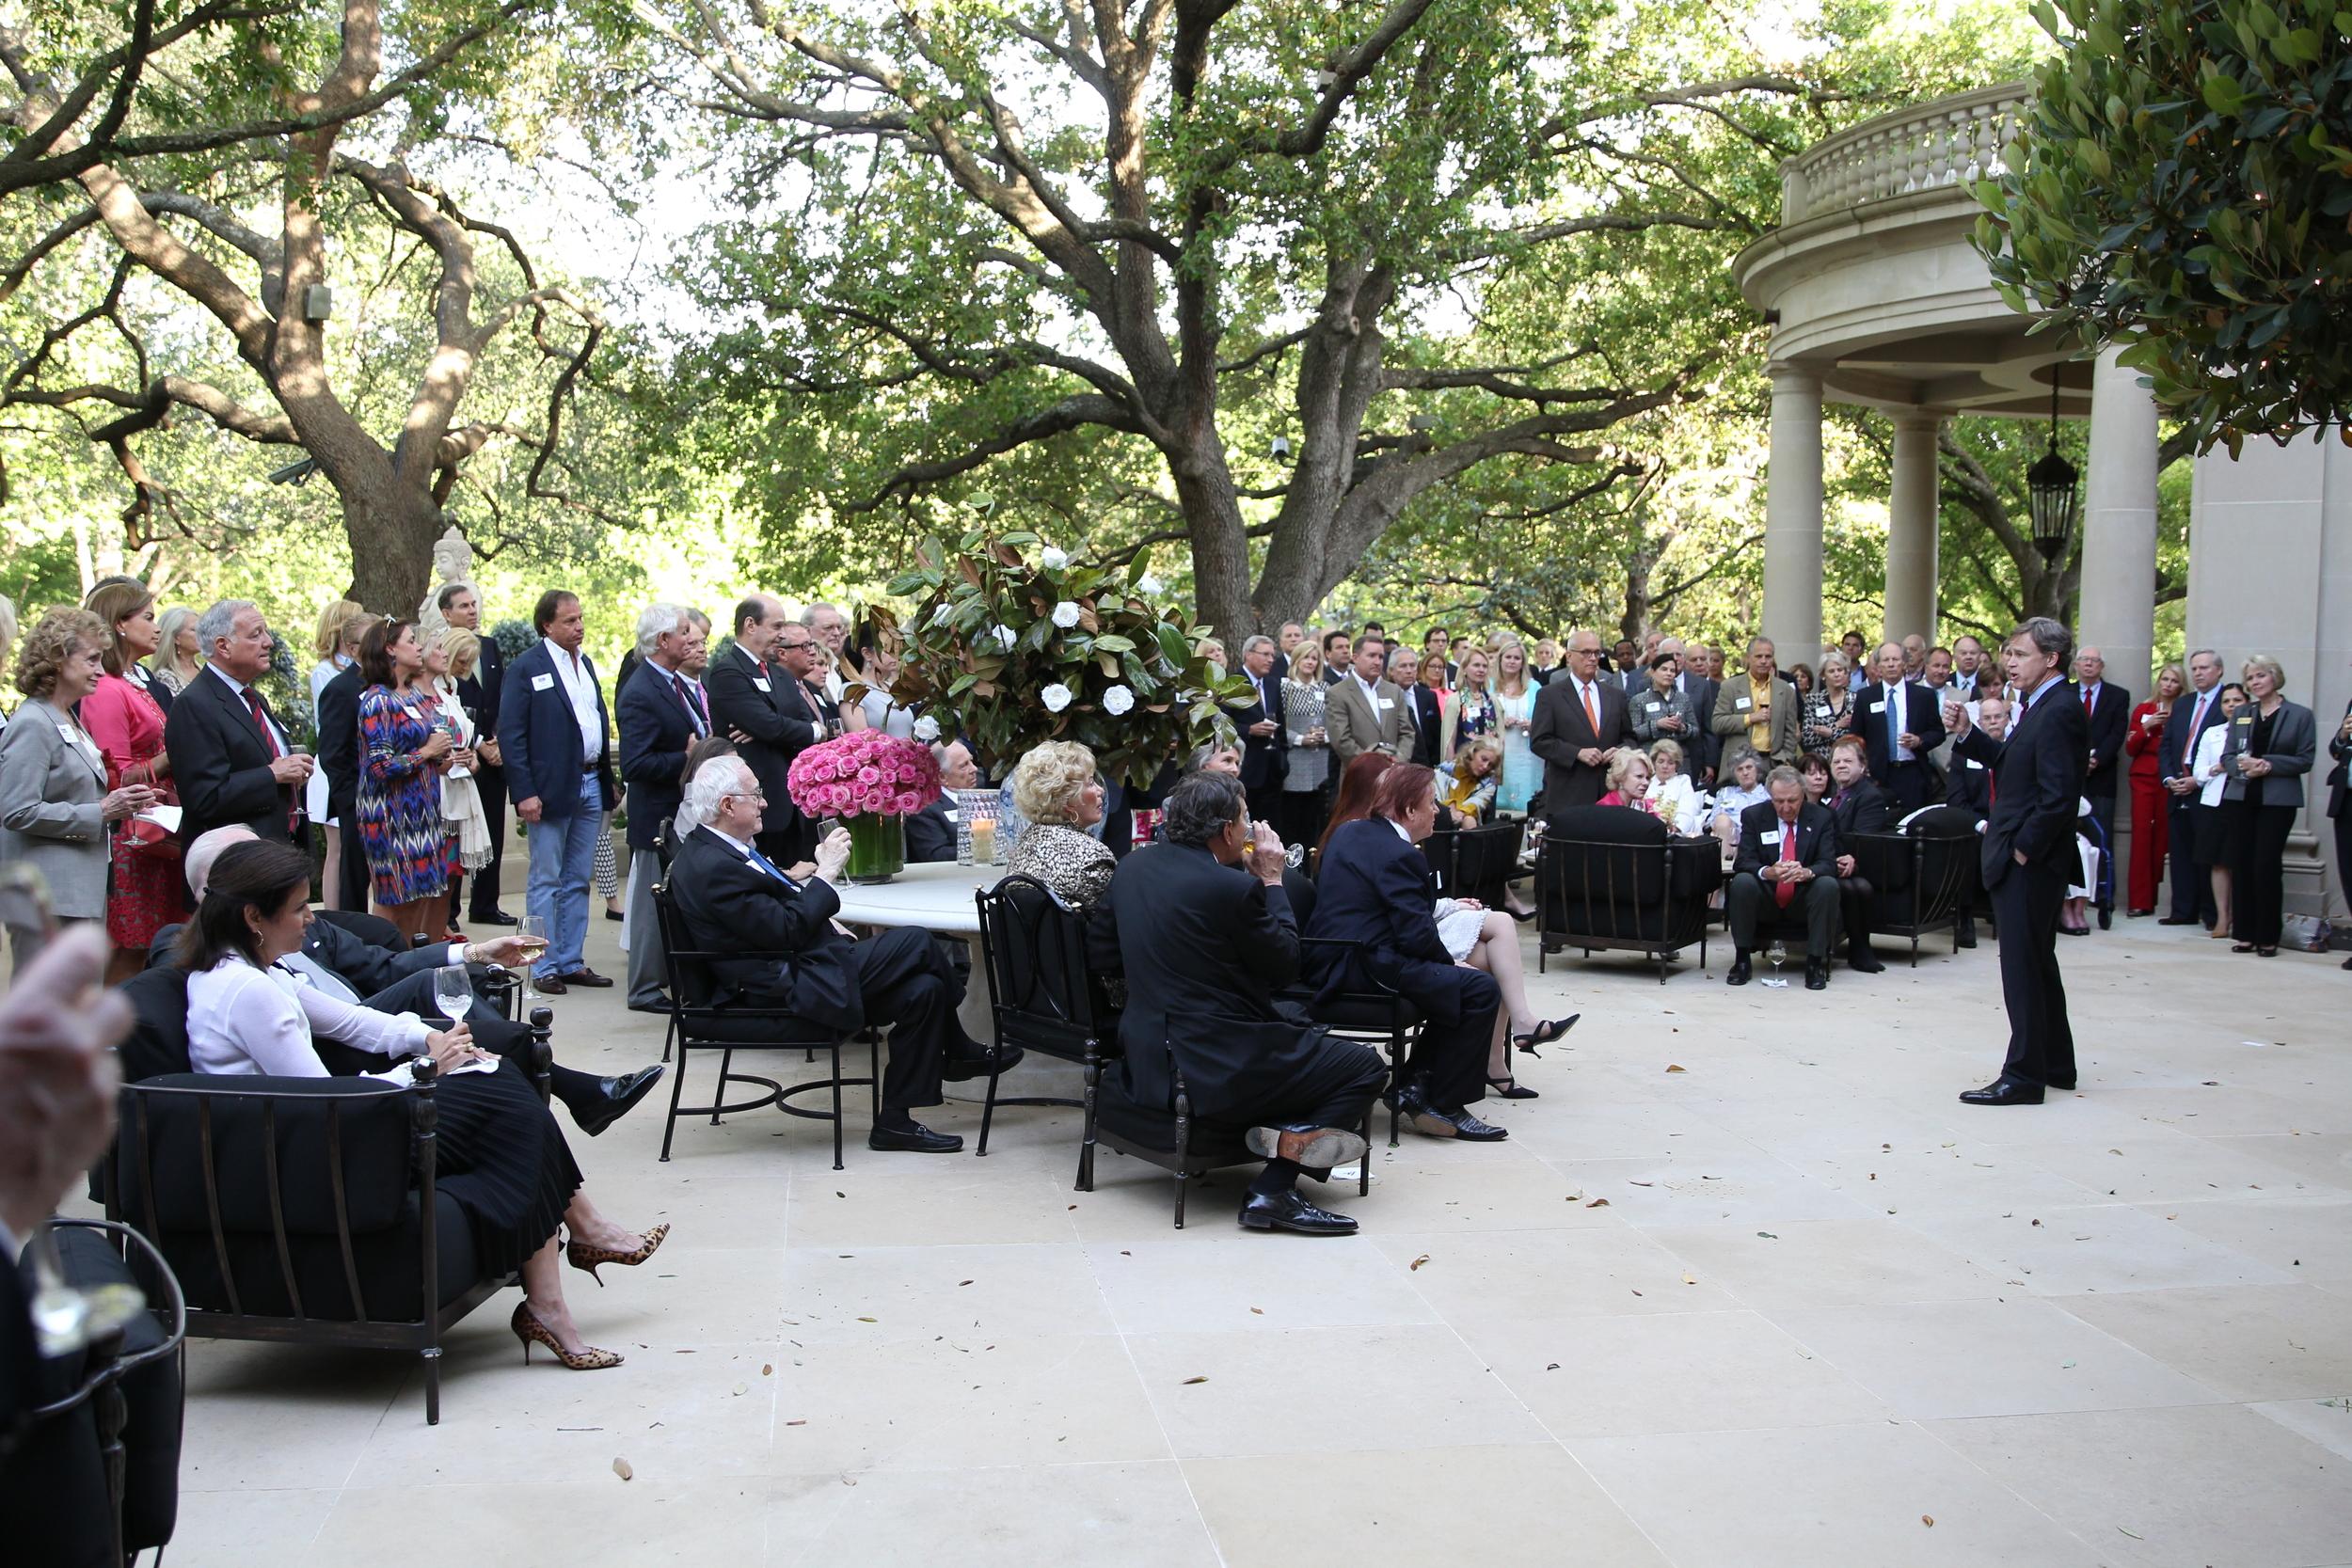 State Representative Dan Branch at a fundraiser in Dallas in April 2014.